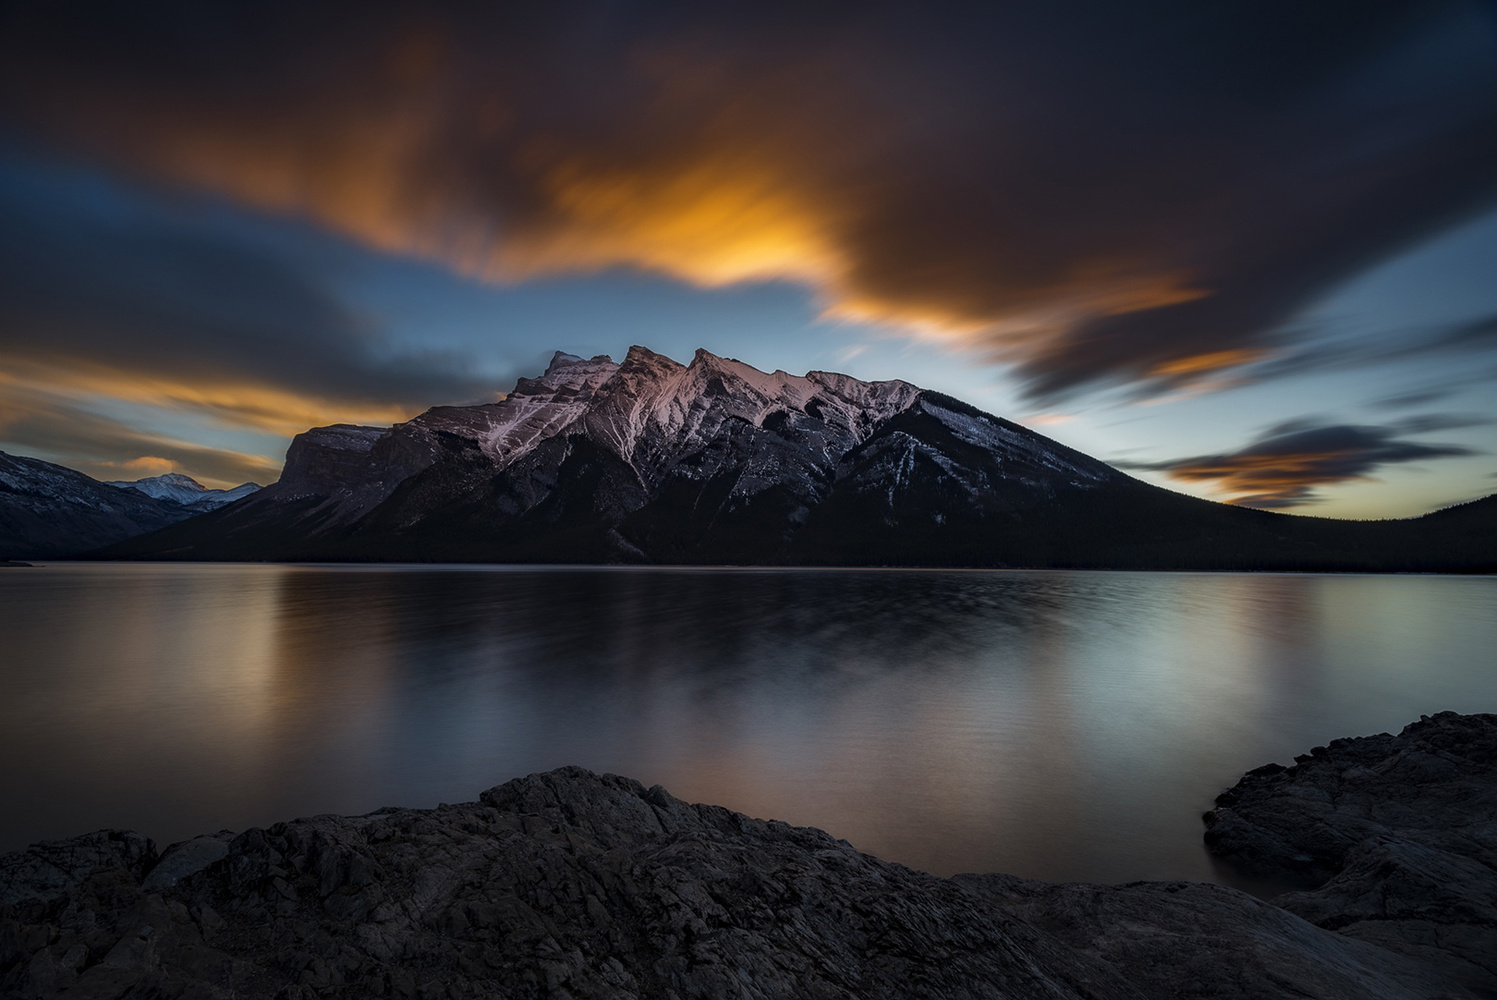 Morning Bliss by David Wilder